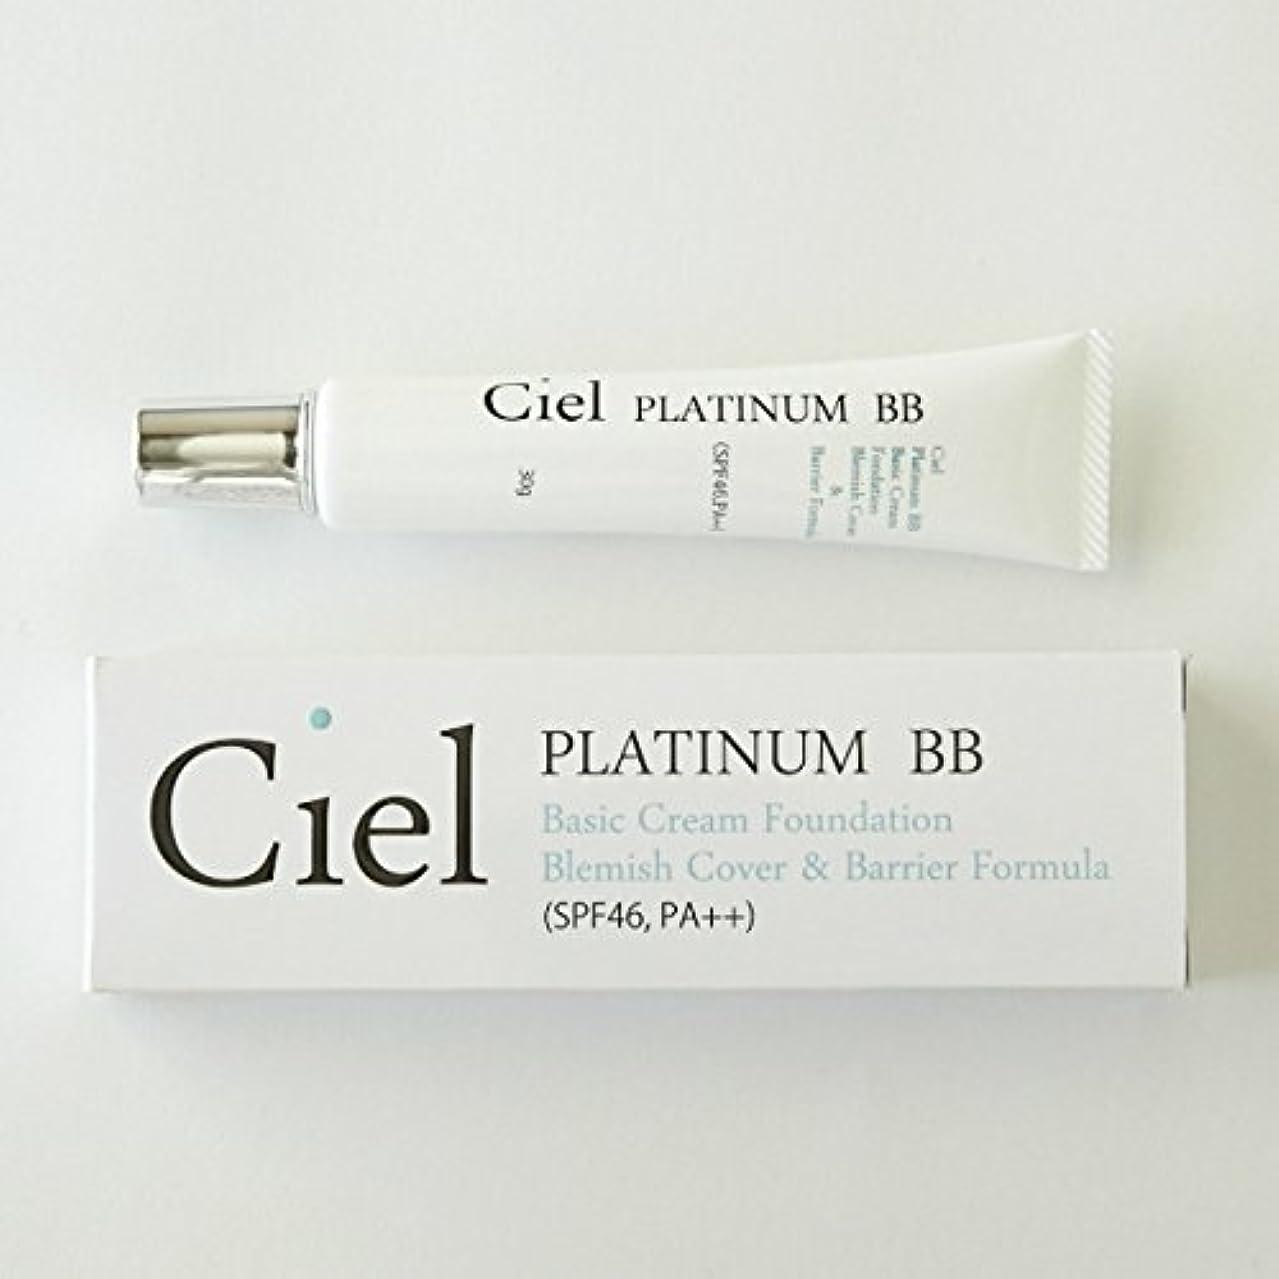 時計マンモス接続詞Ciel Salon de Beaute Ciel PLATINUM BB SPF46 BBクリーム ファンデーション 日本製 日焼け止め